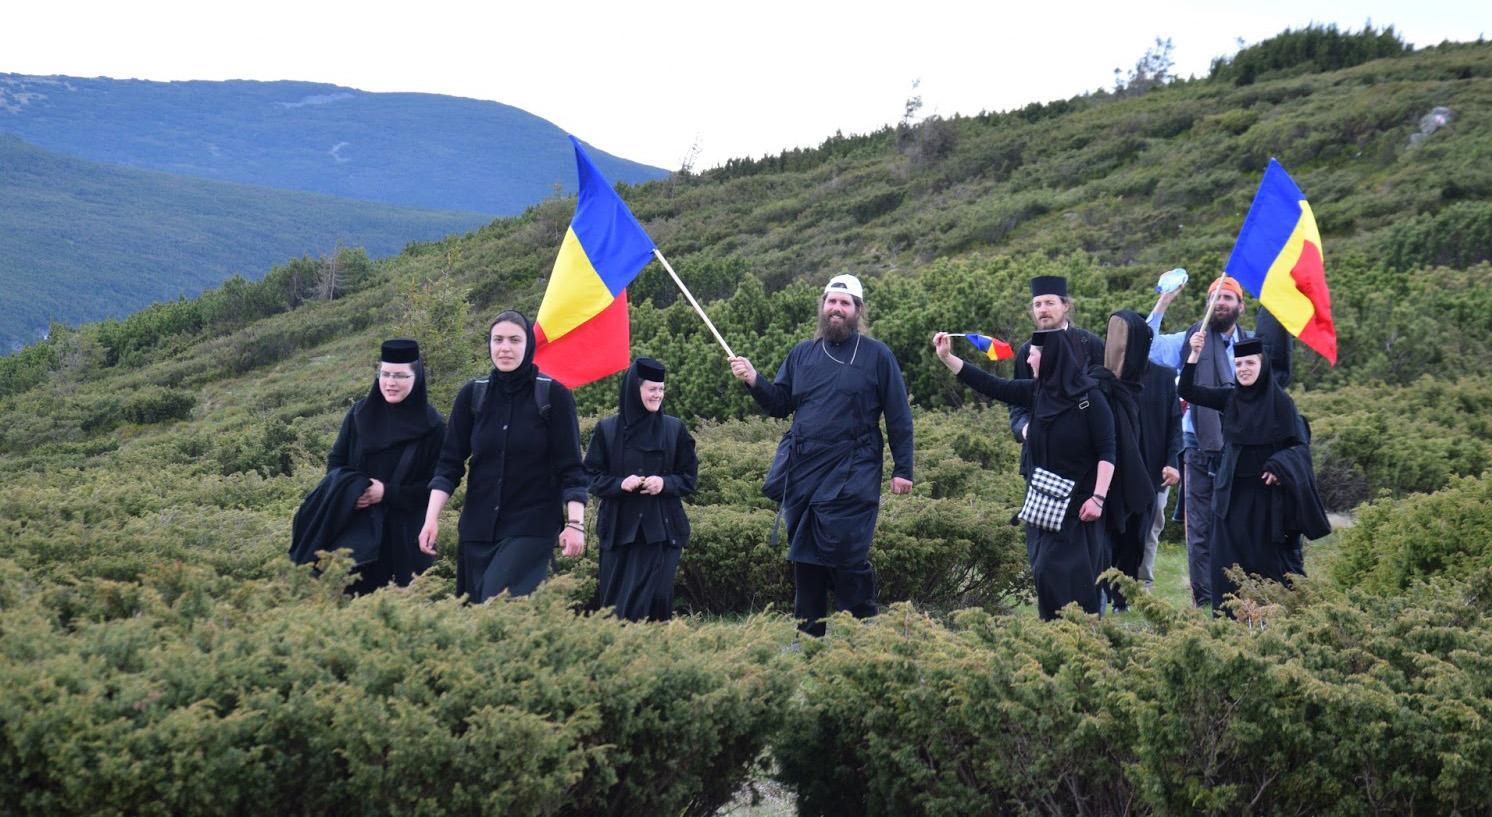 Călugării sunt santinele Bisericii